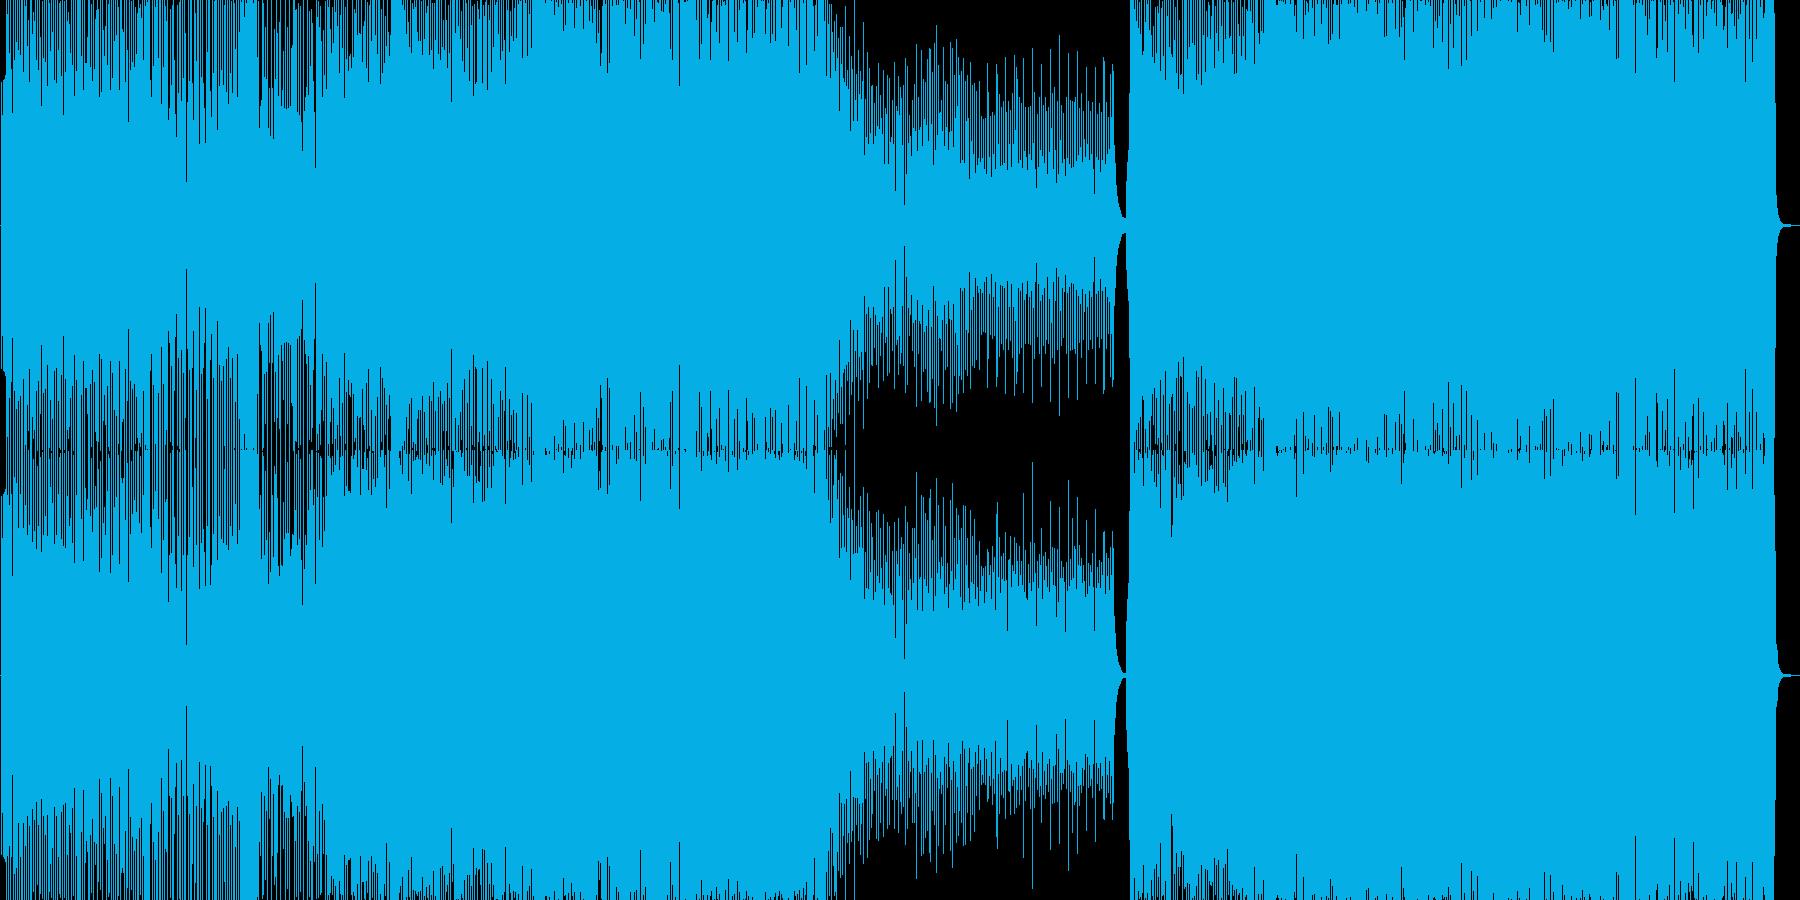 コミカルなJazzEDMですの再生済みの波形